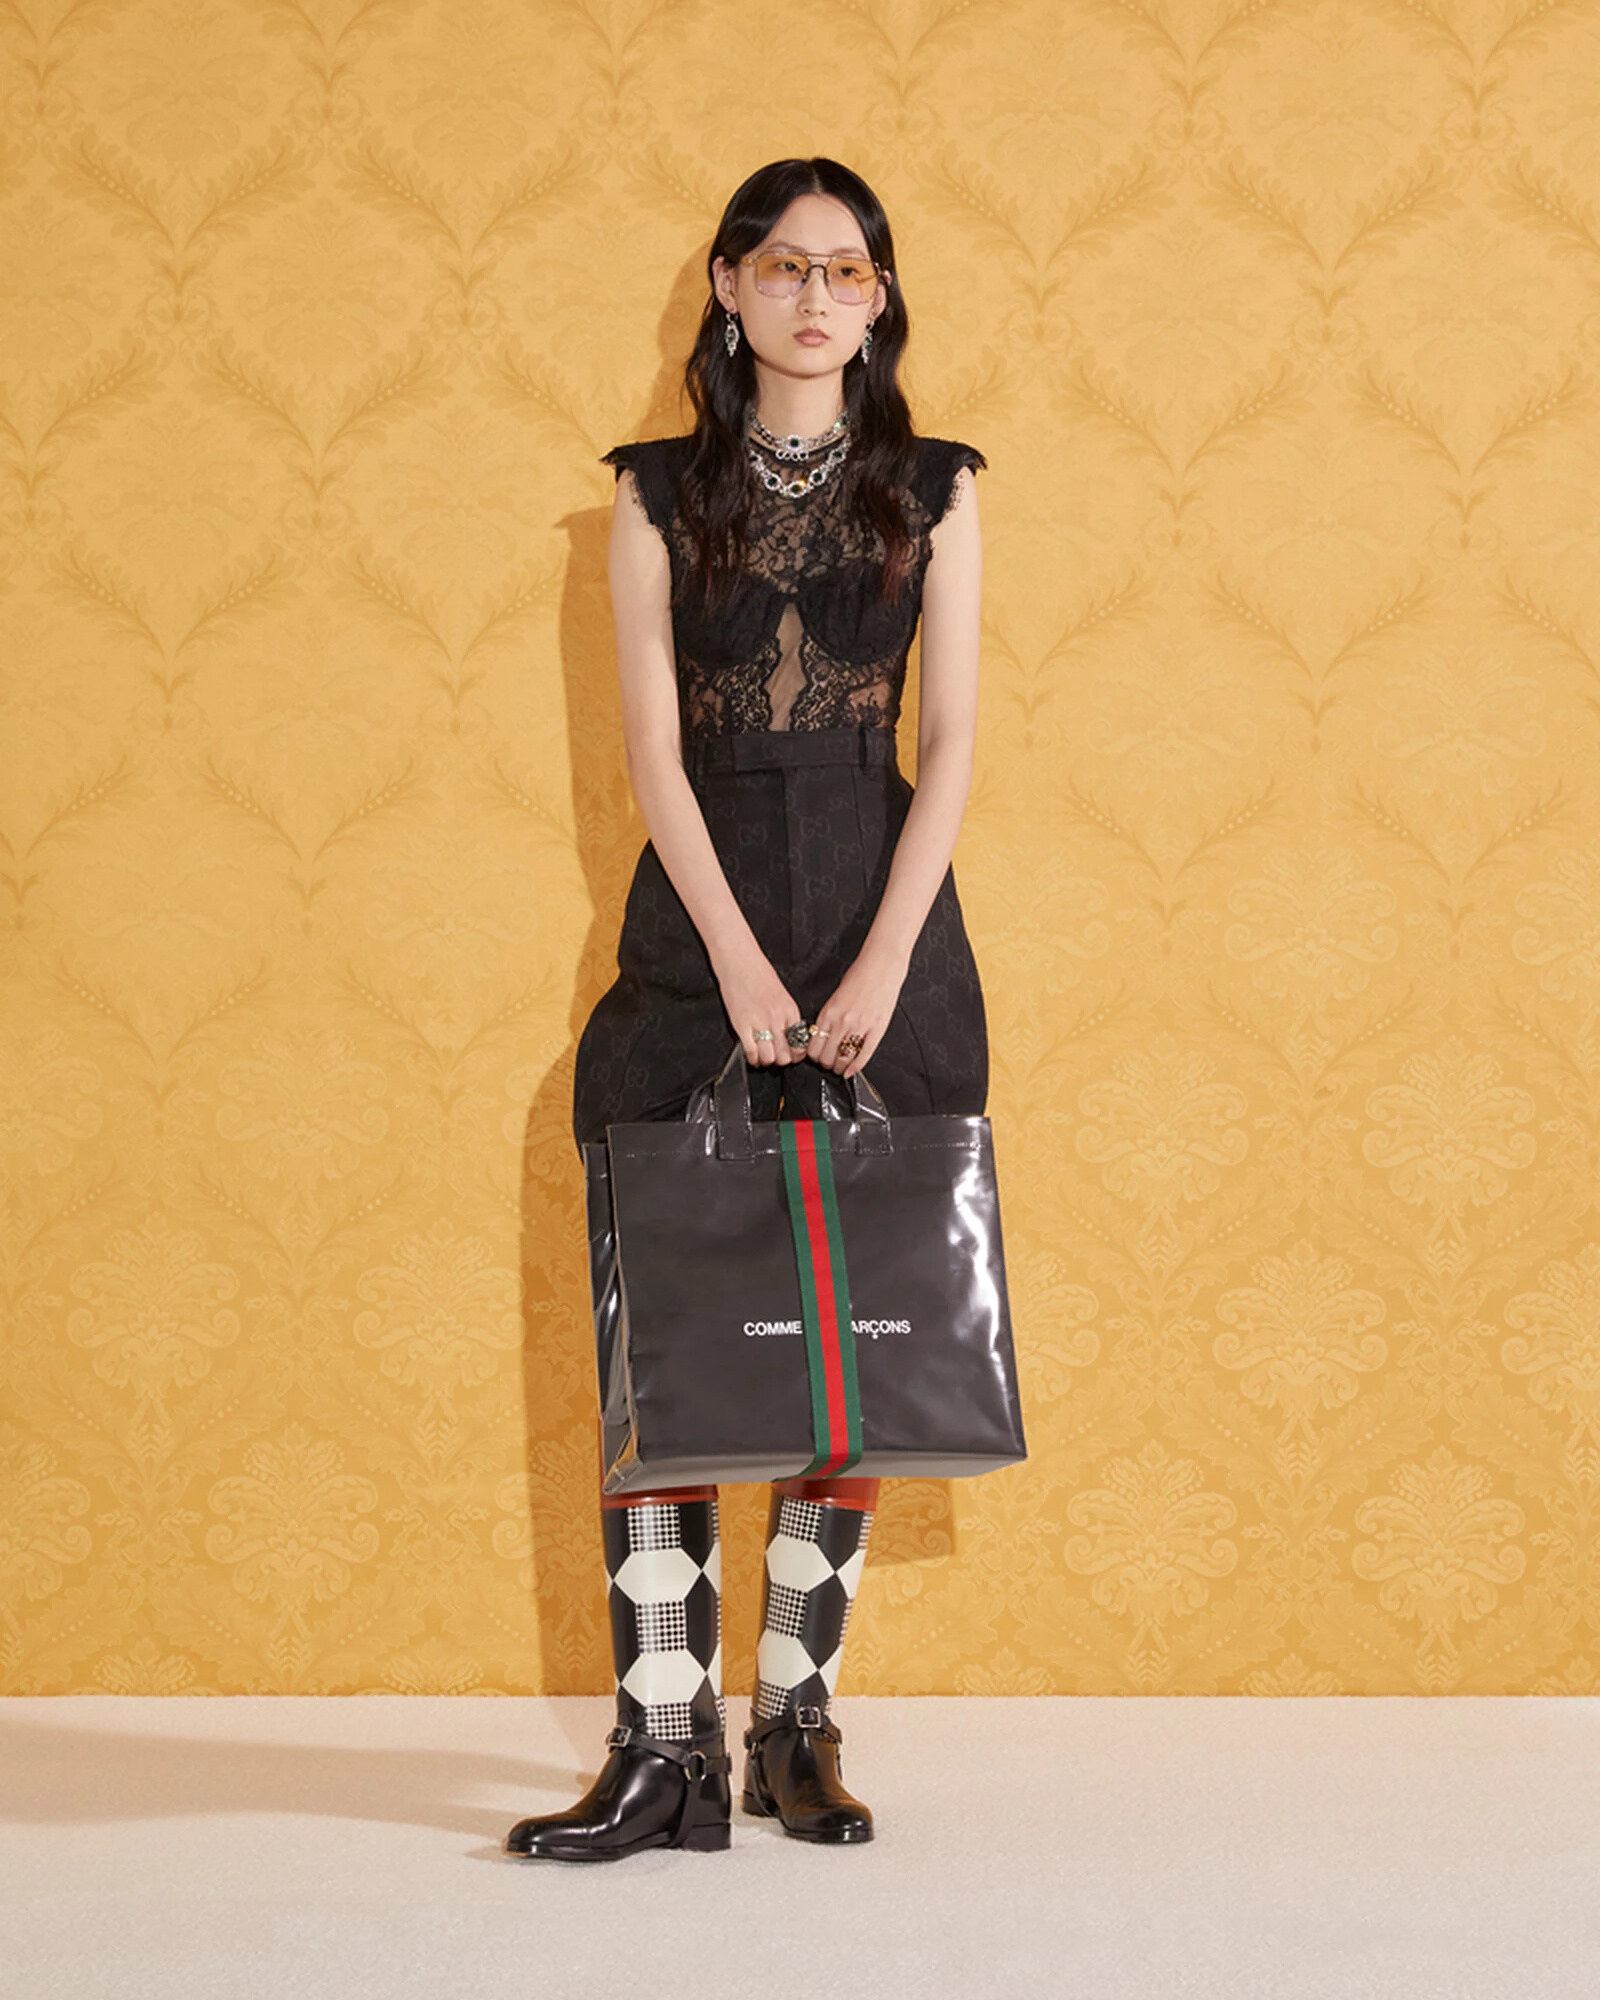 Gucci x Comme Des Garcons Tote Bag 2021